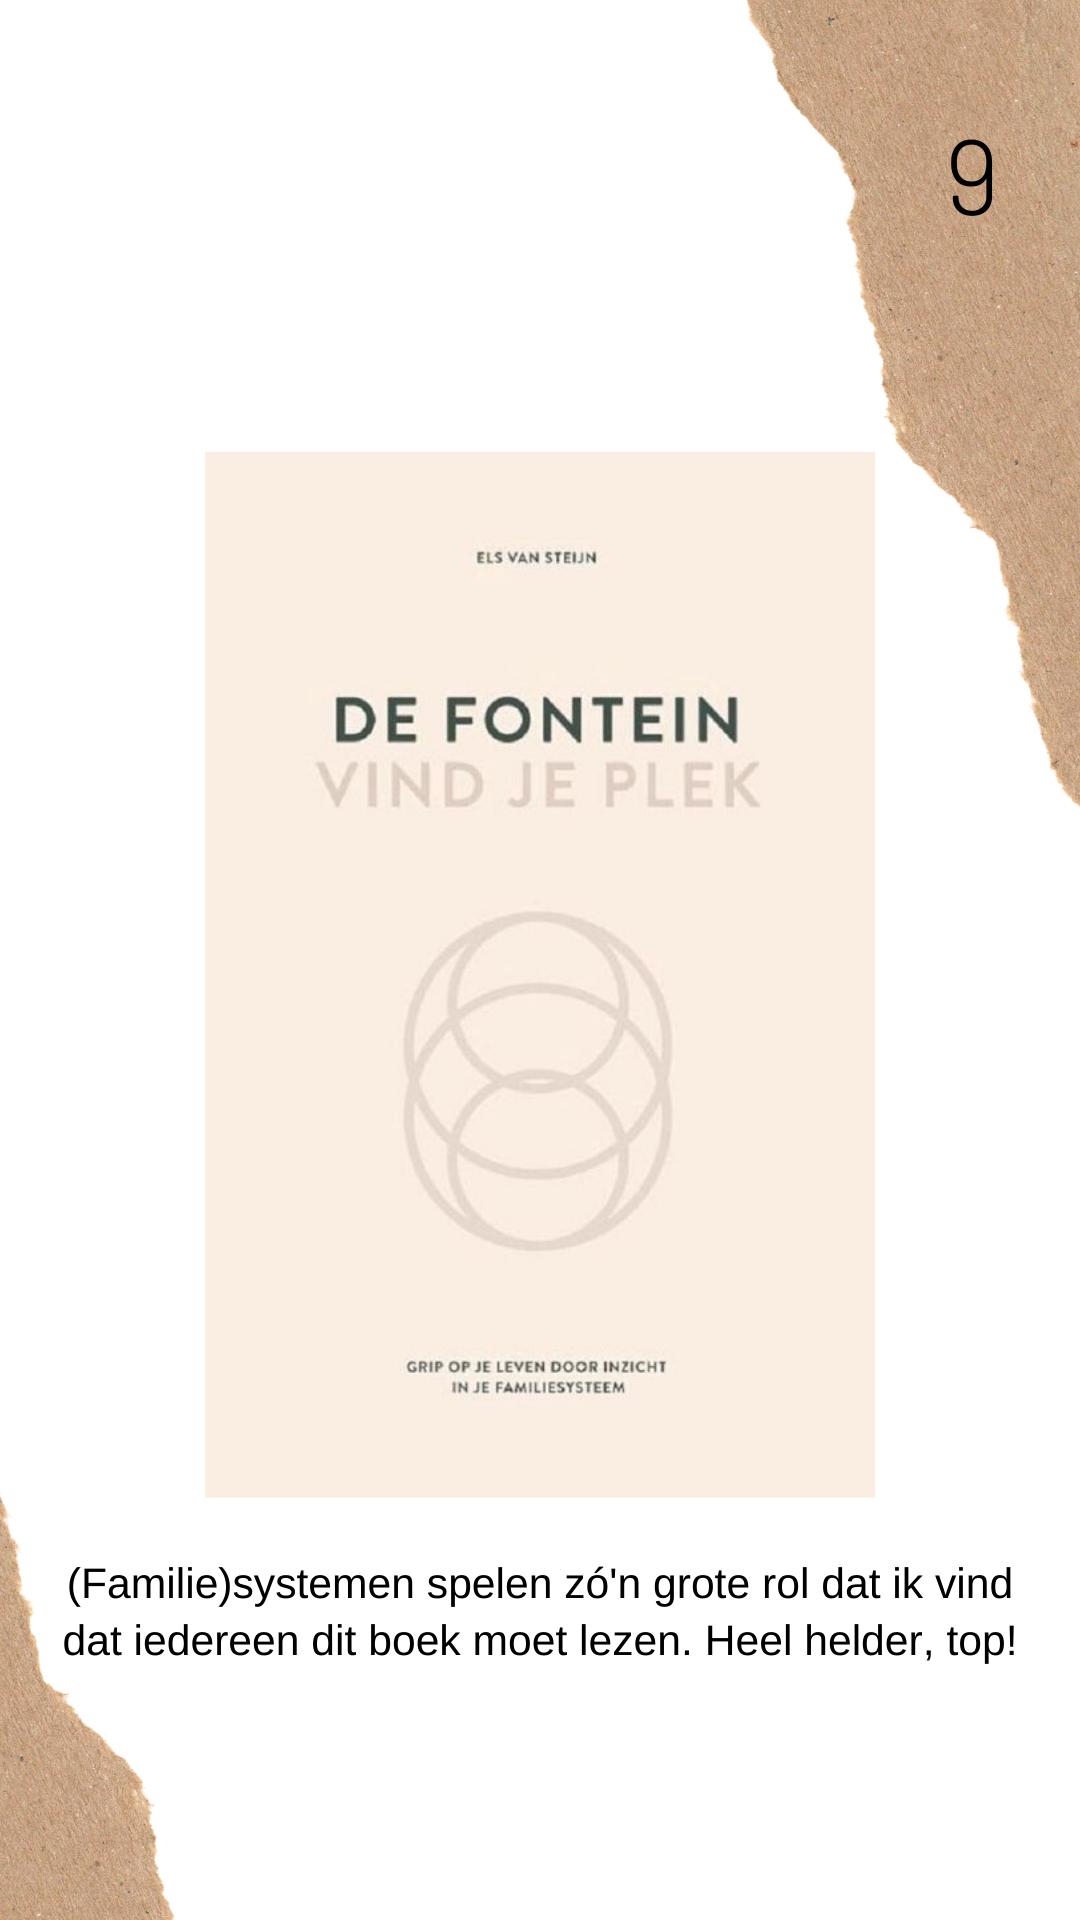 De Fontein boek review